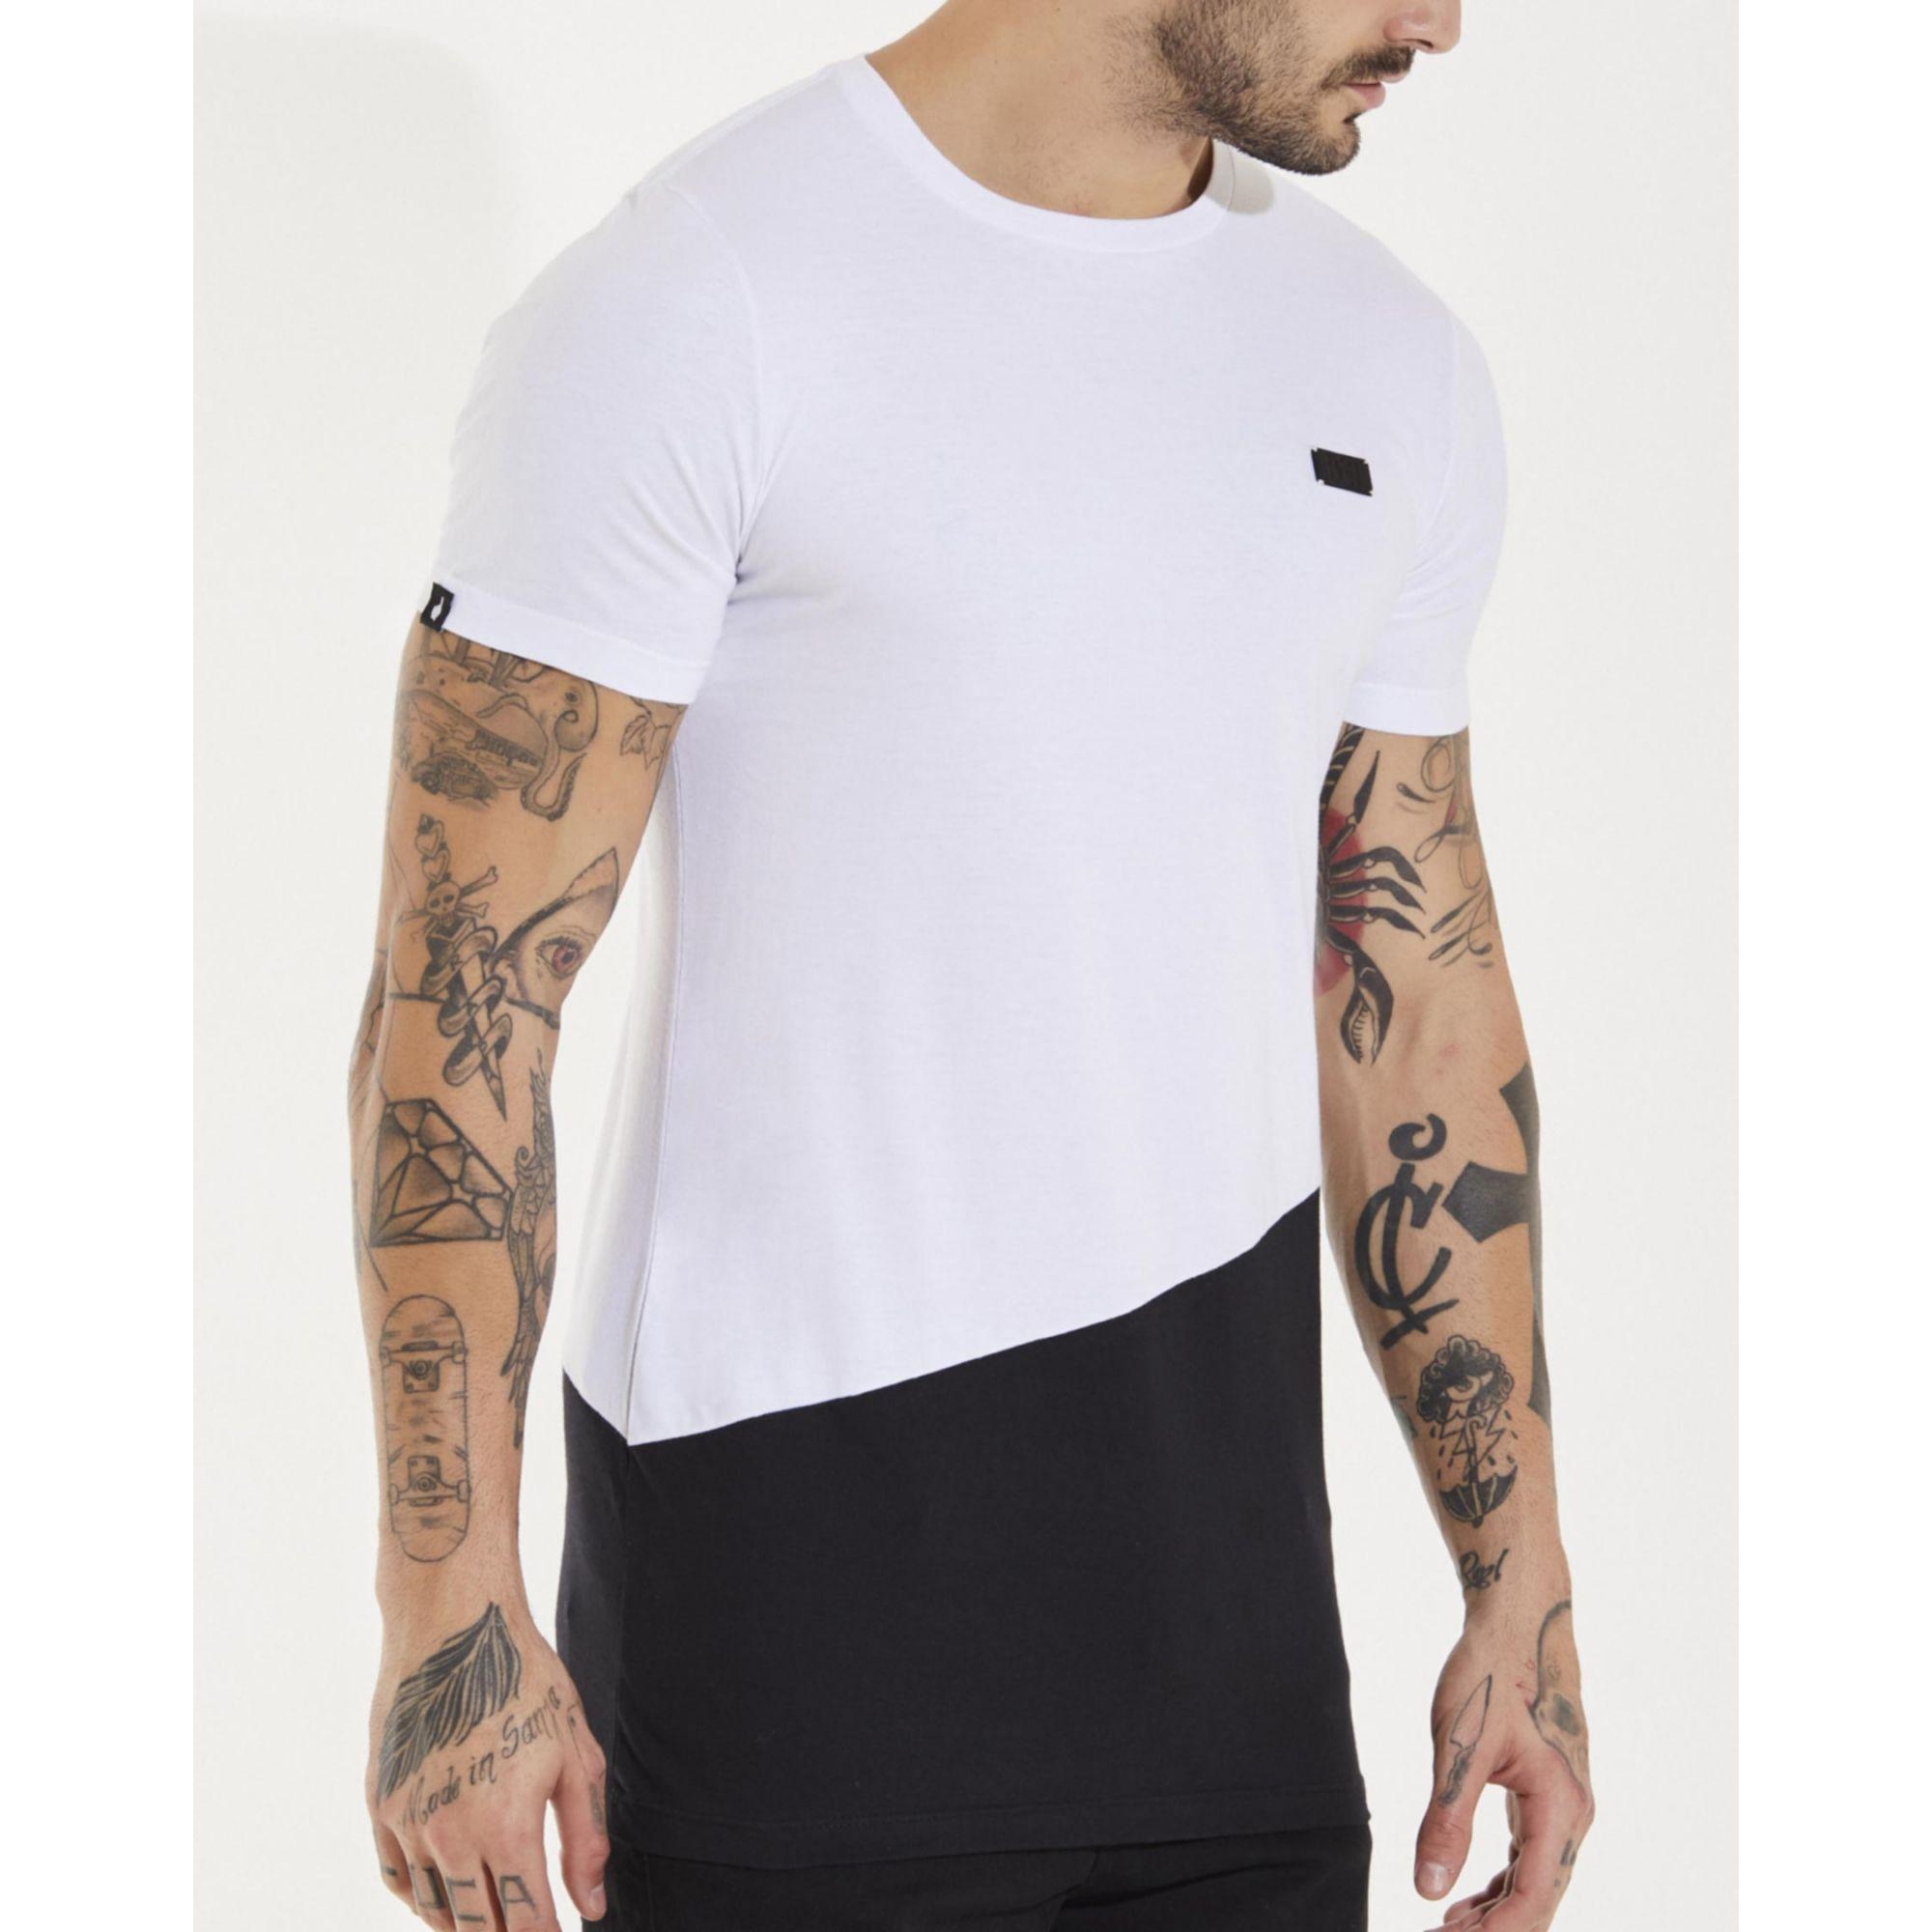 Camiseta Buh Placa Bicolor White & Black